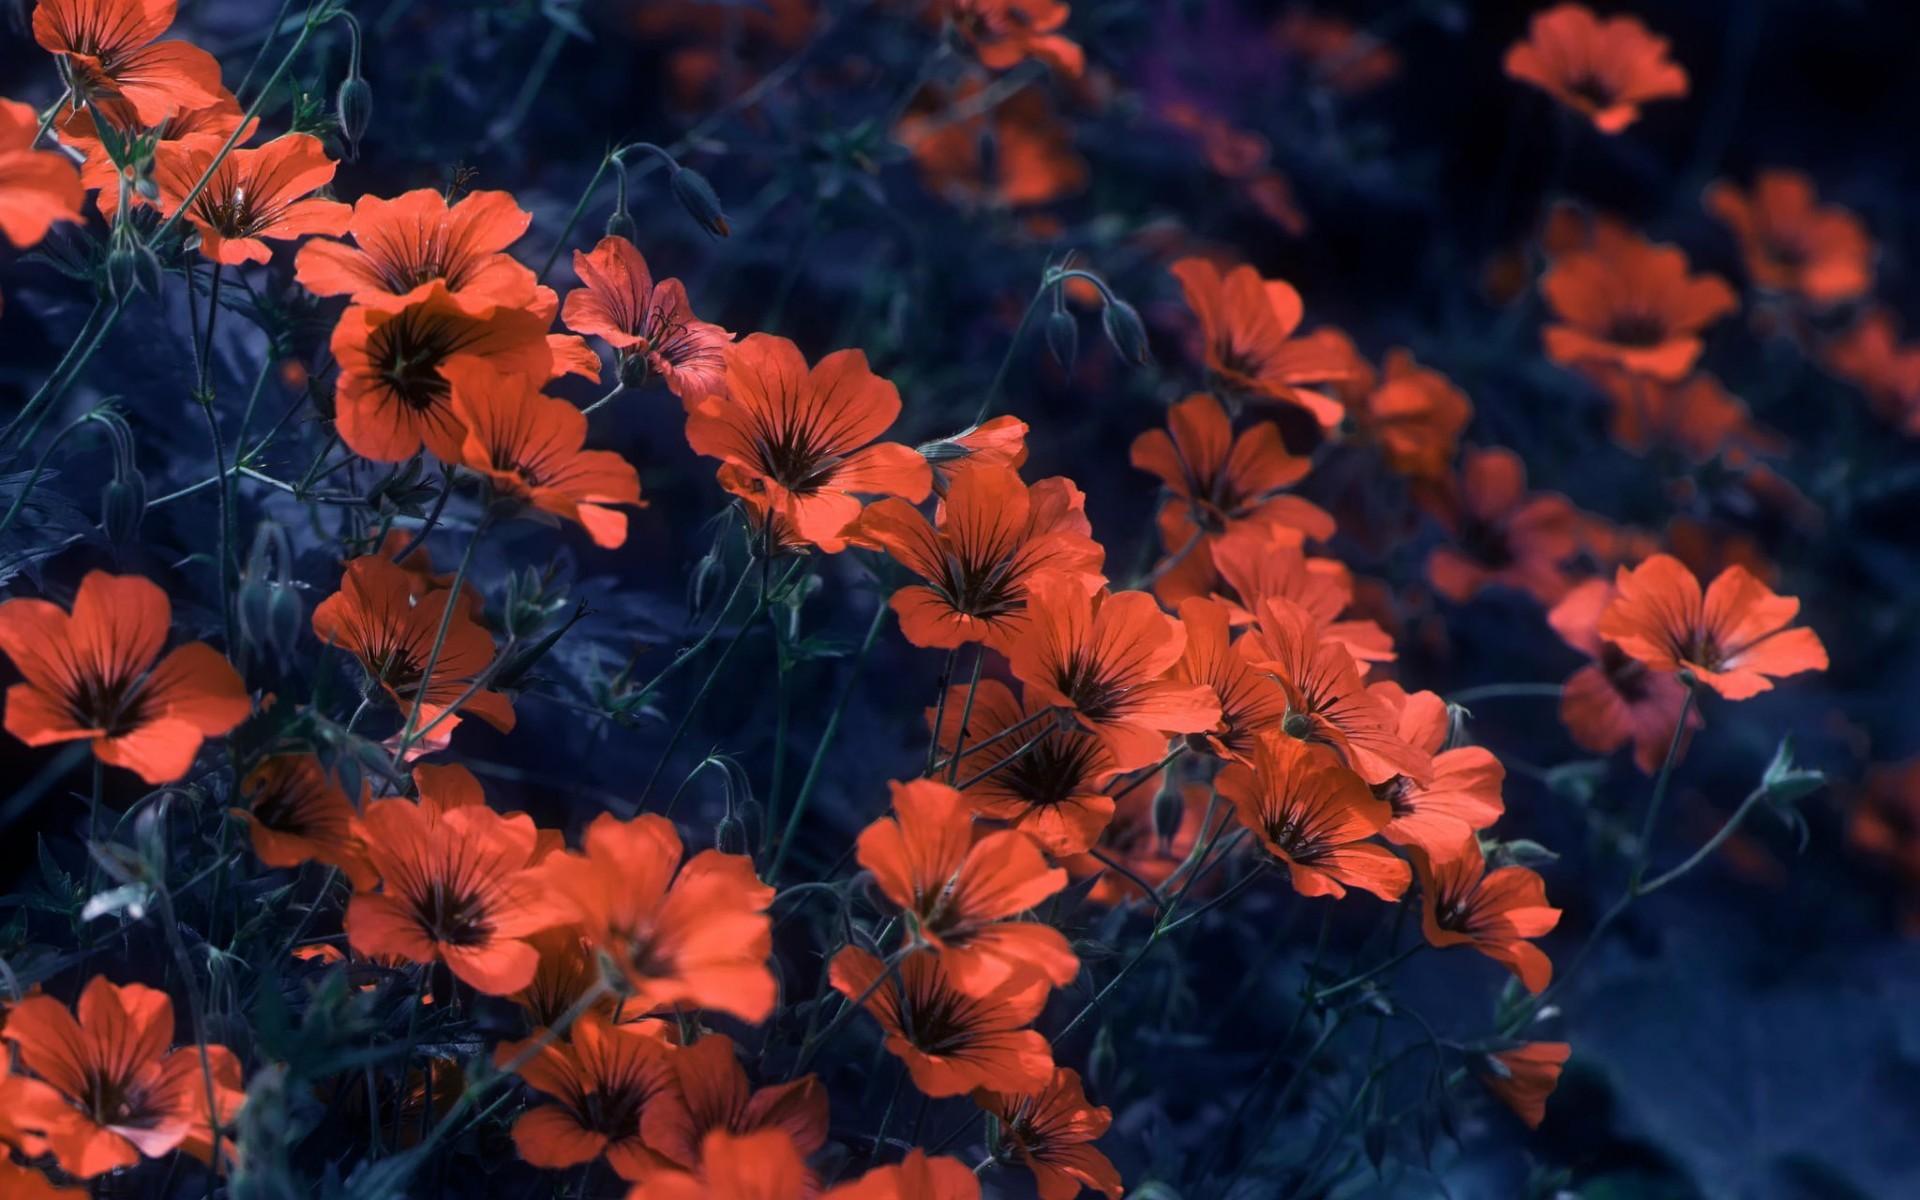 Sfondi fiori tumblr 68 immagini for Immagini per desktop fiori